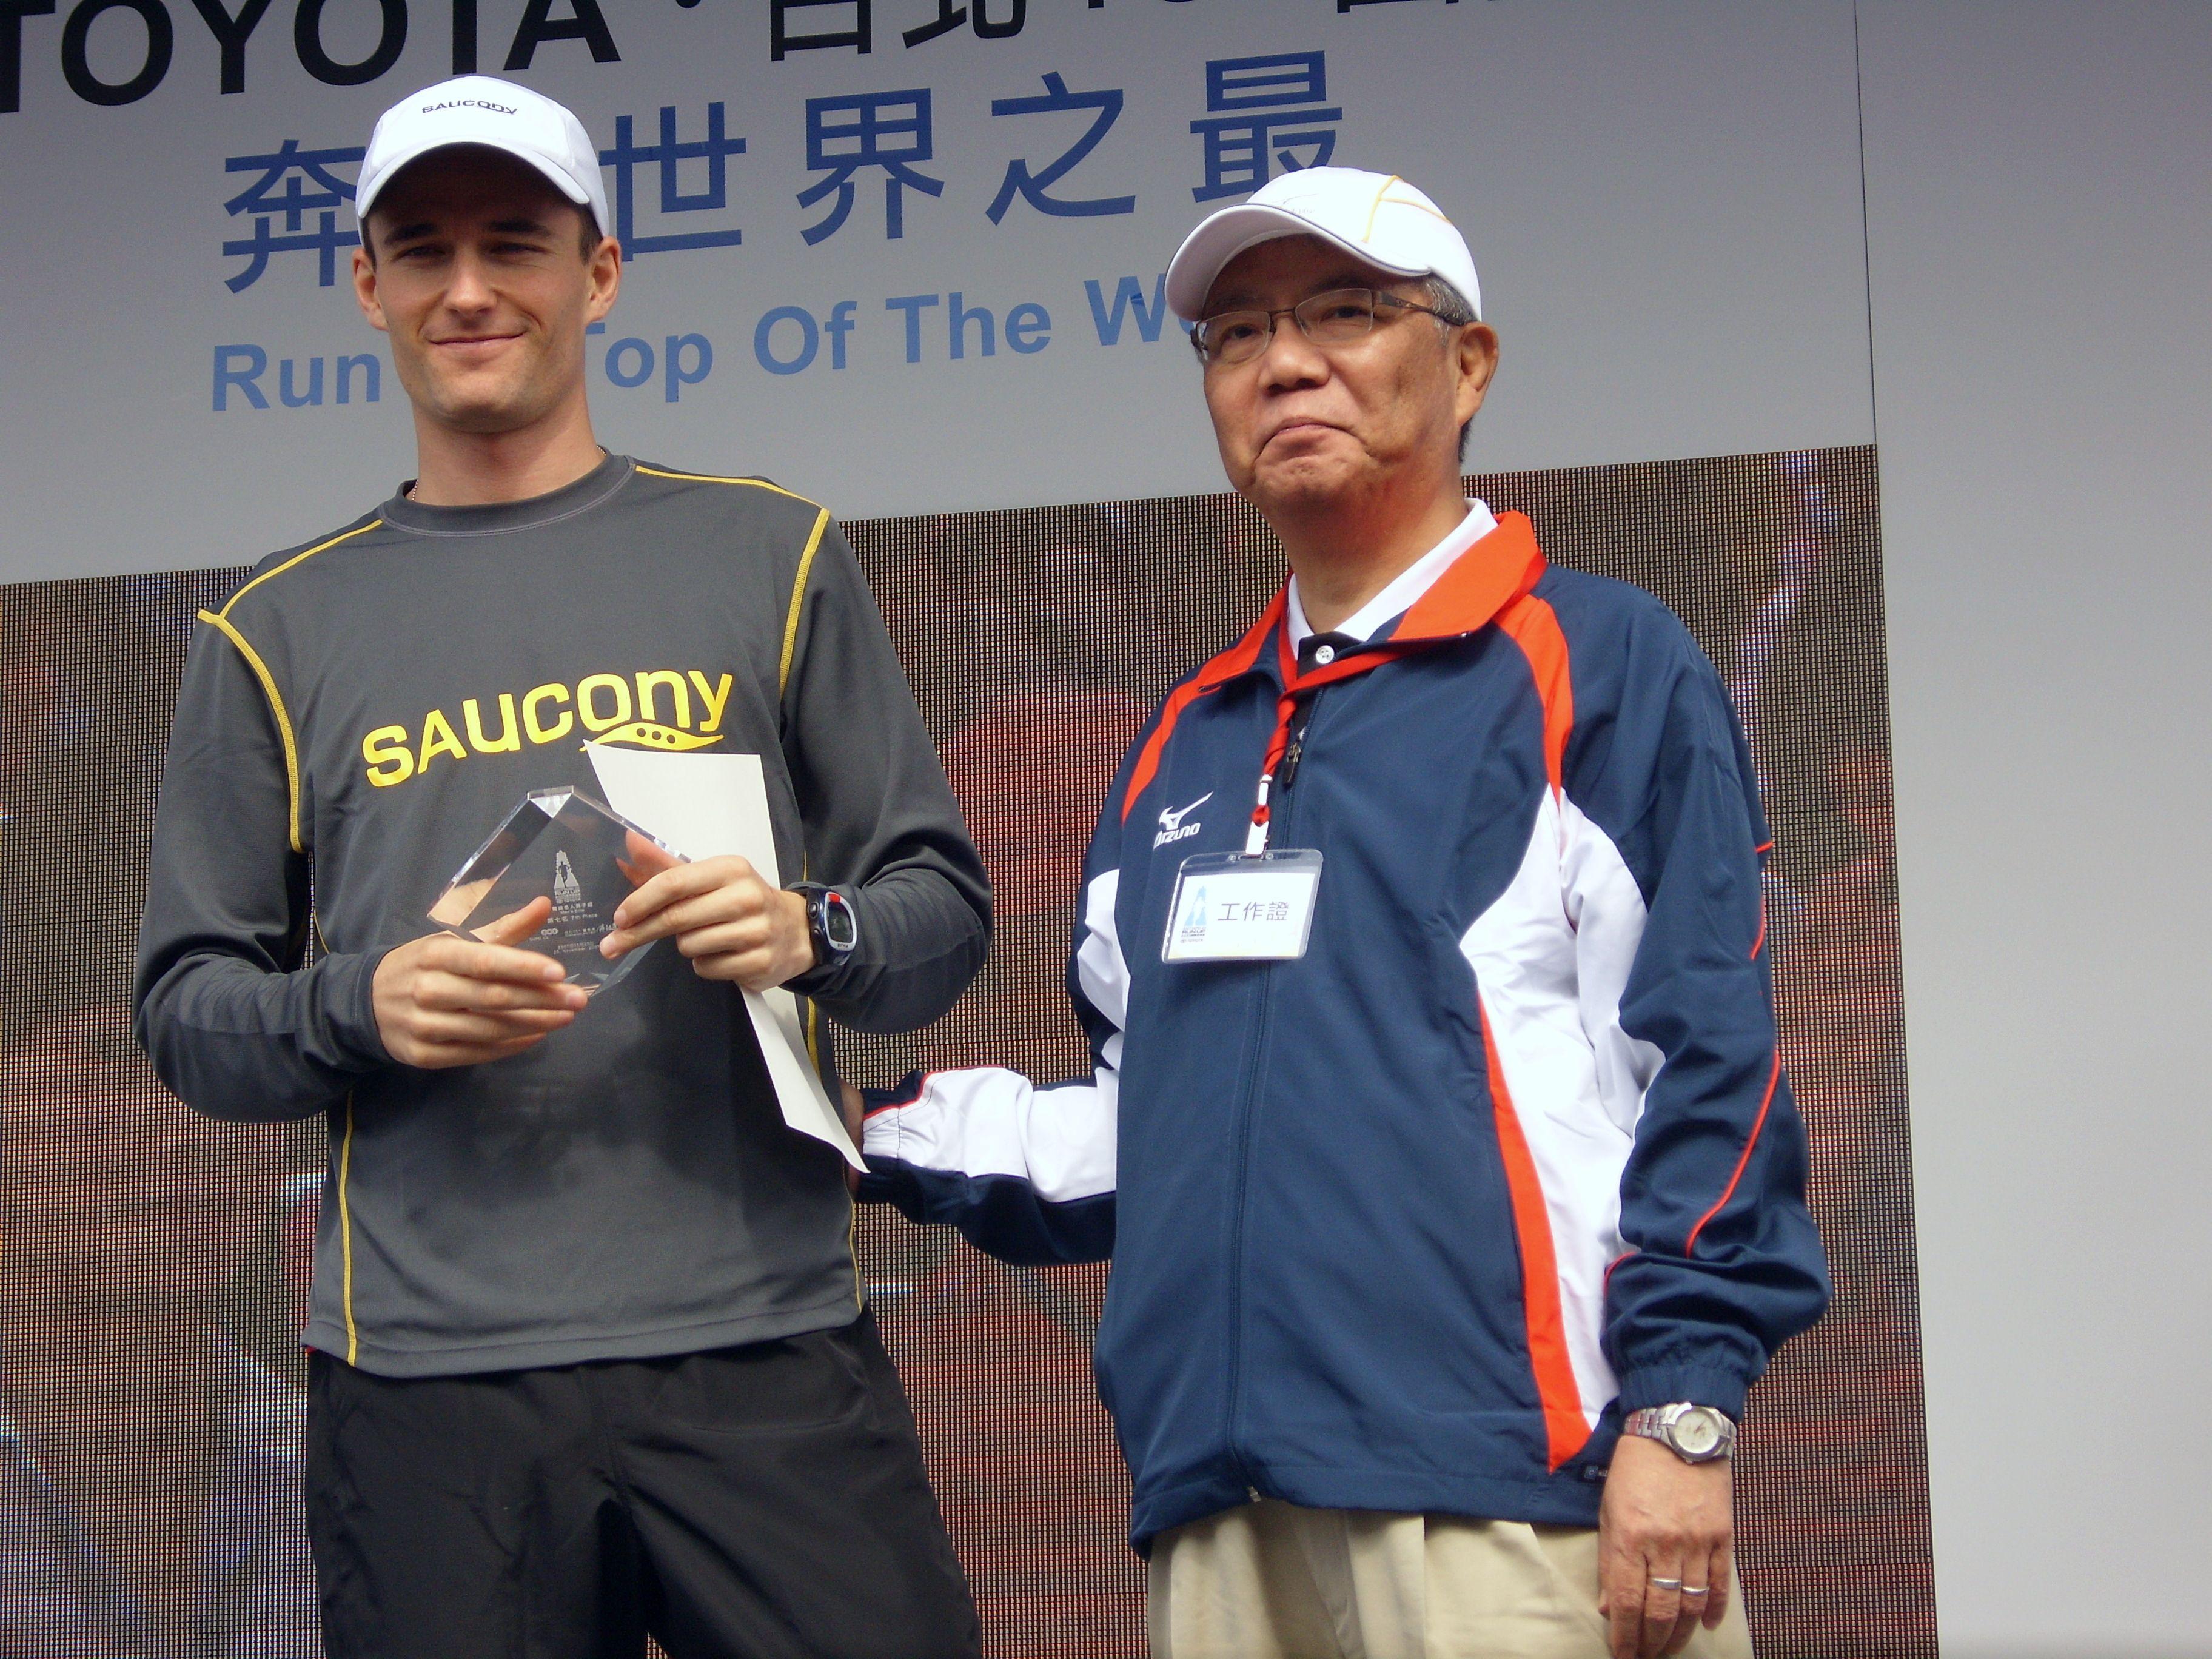 2007 Taipei 101 Run Up: Elite Group